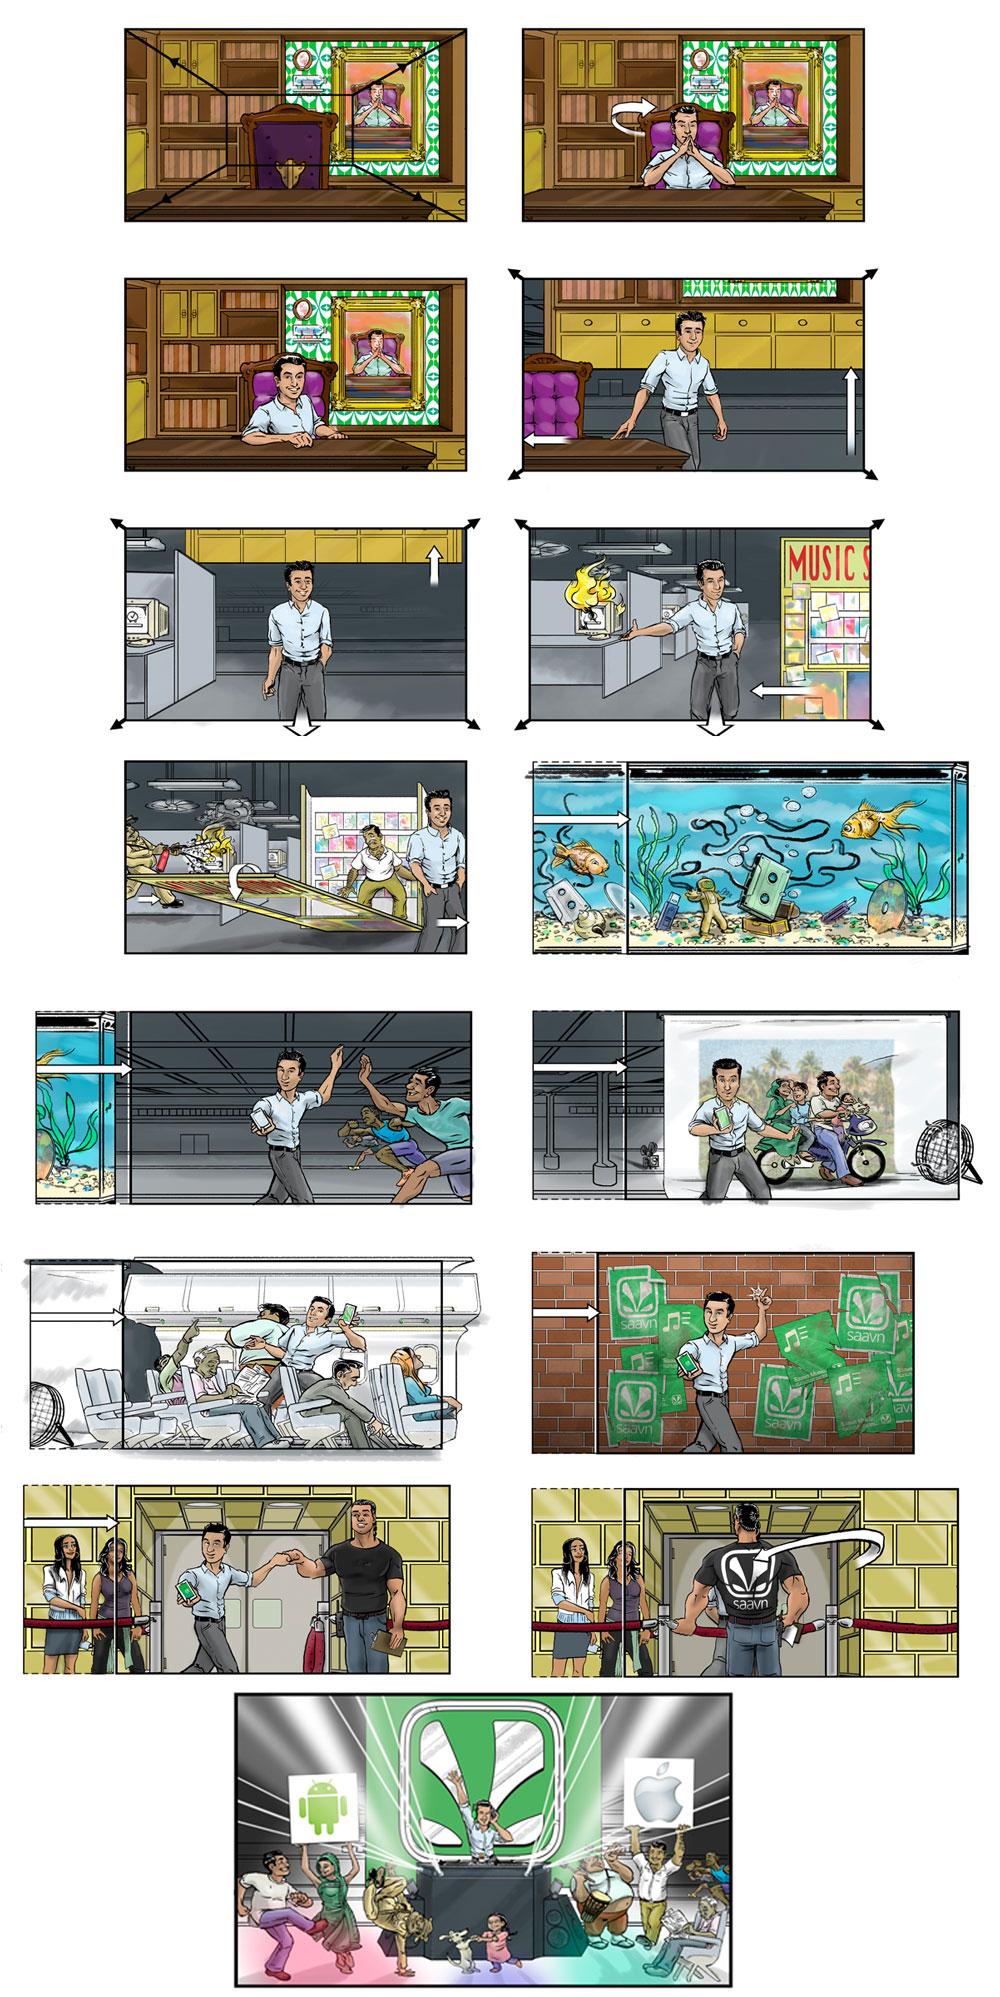 JLongo_Saavn_Storyboard_Summary